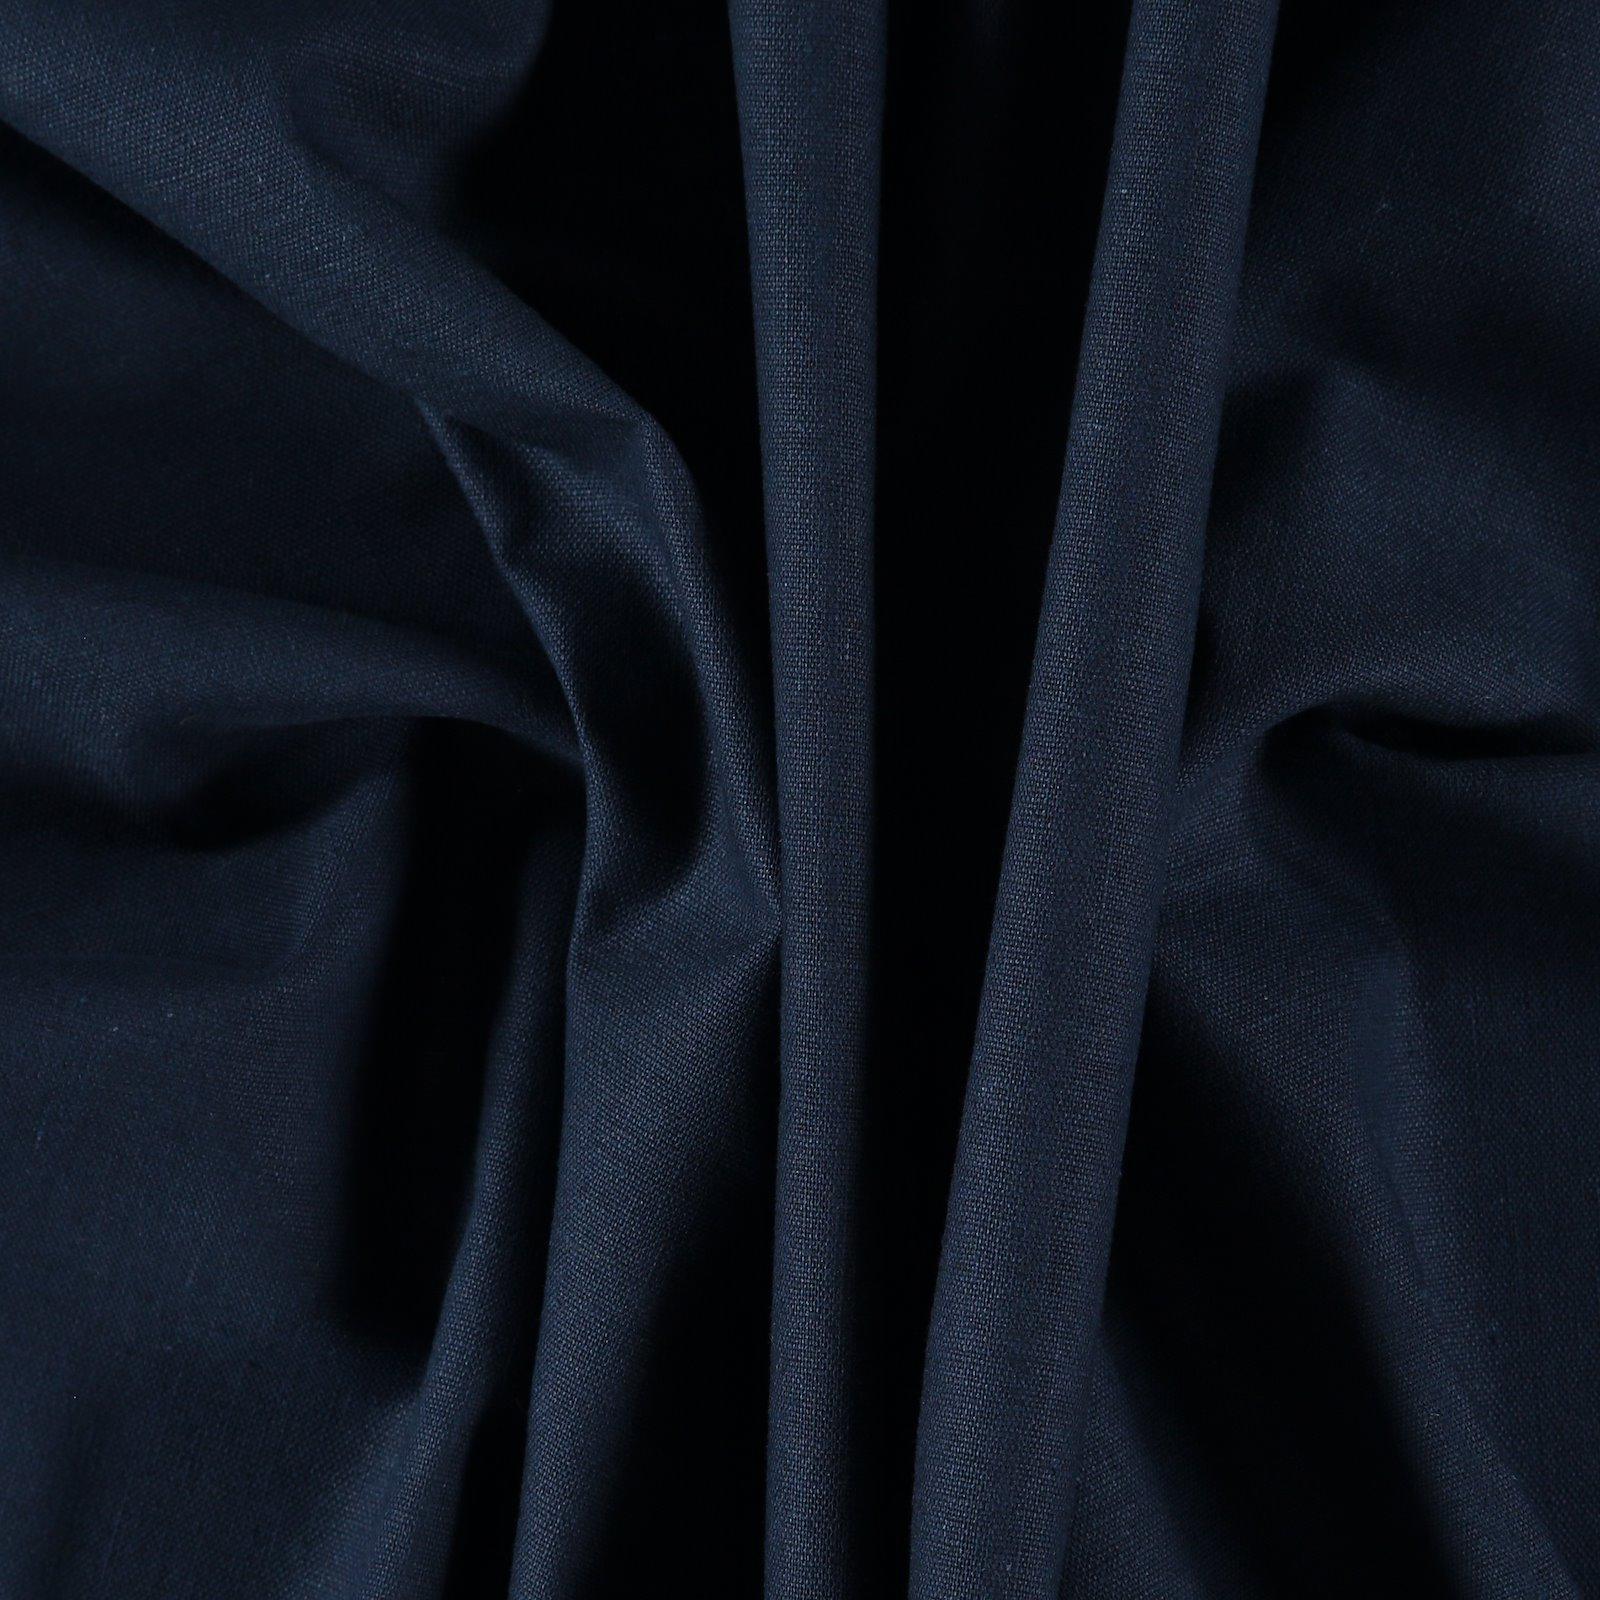 Linen/cotton deep navy 410136_pack